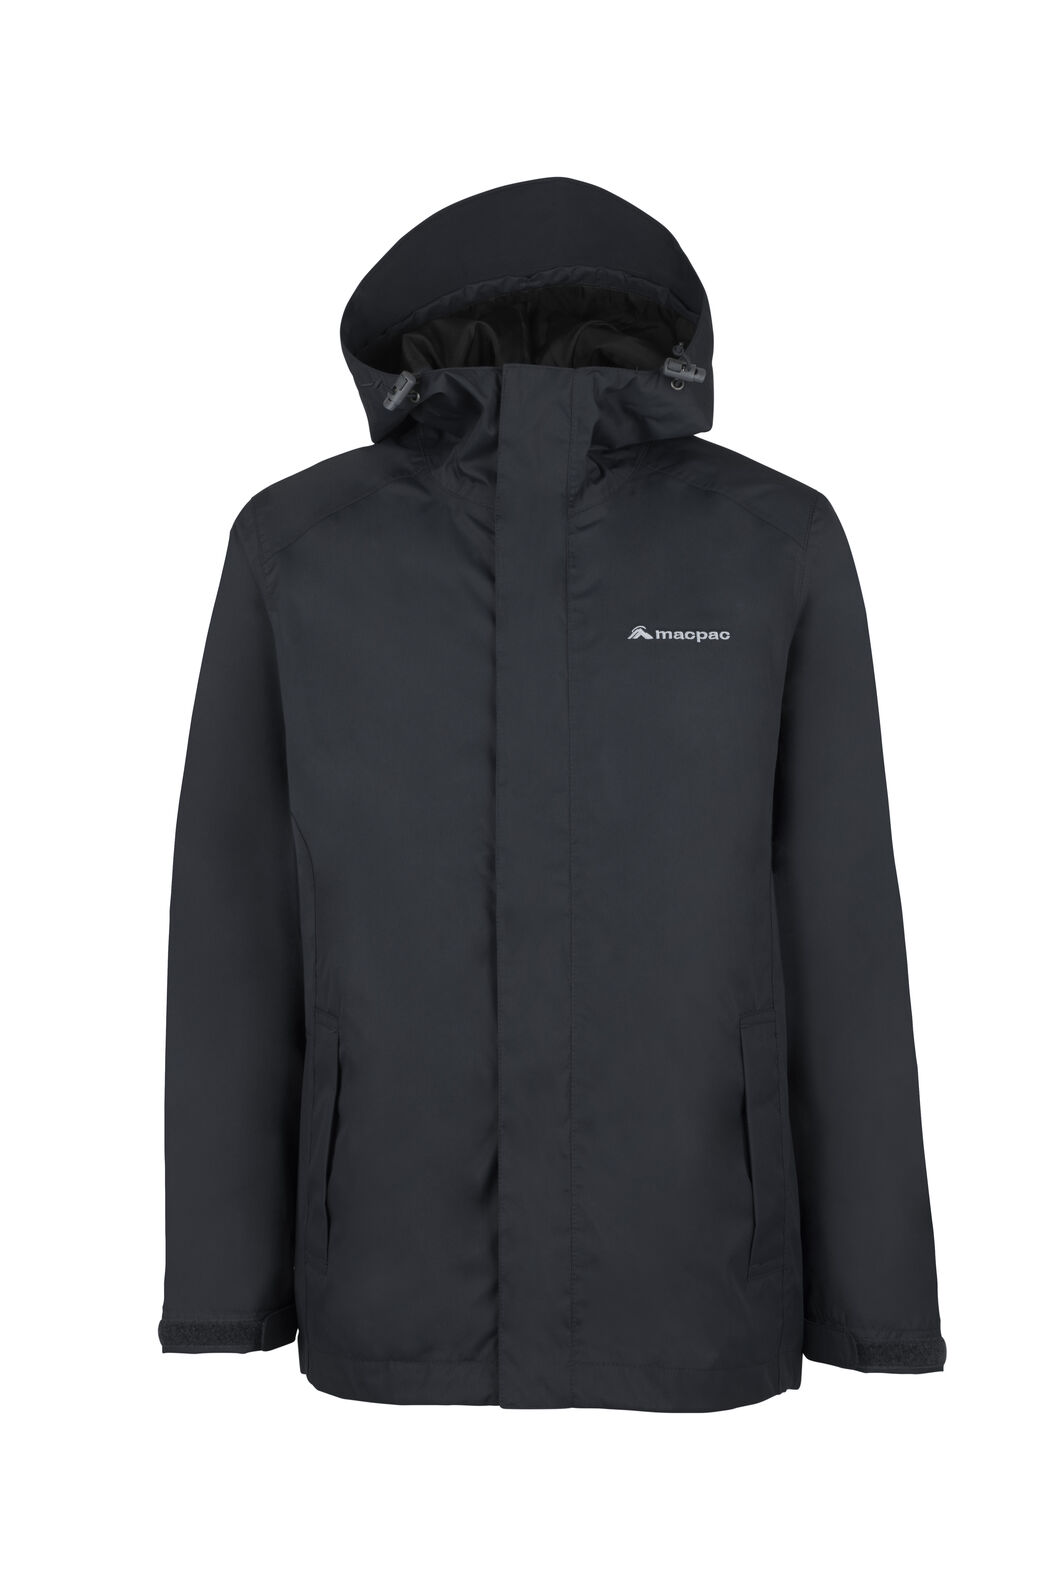 Macpac Jetstream Rain Jacket - Kids', Black, hi-res